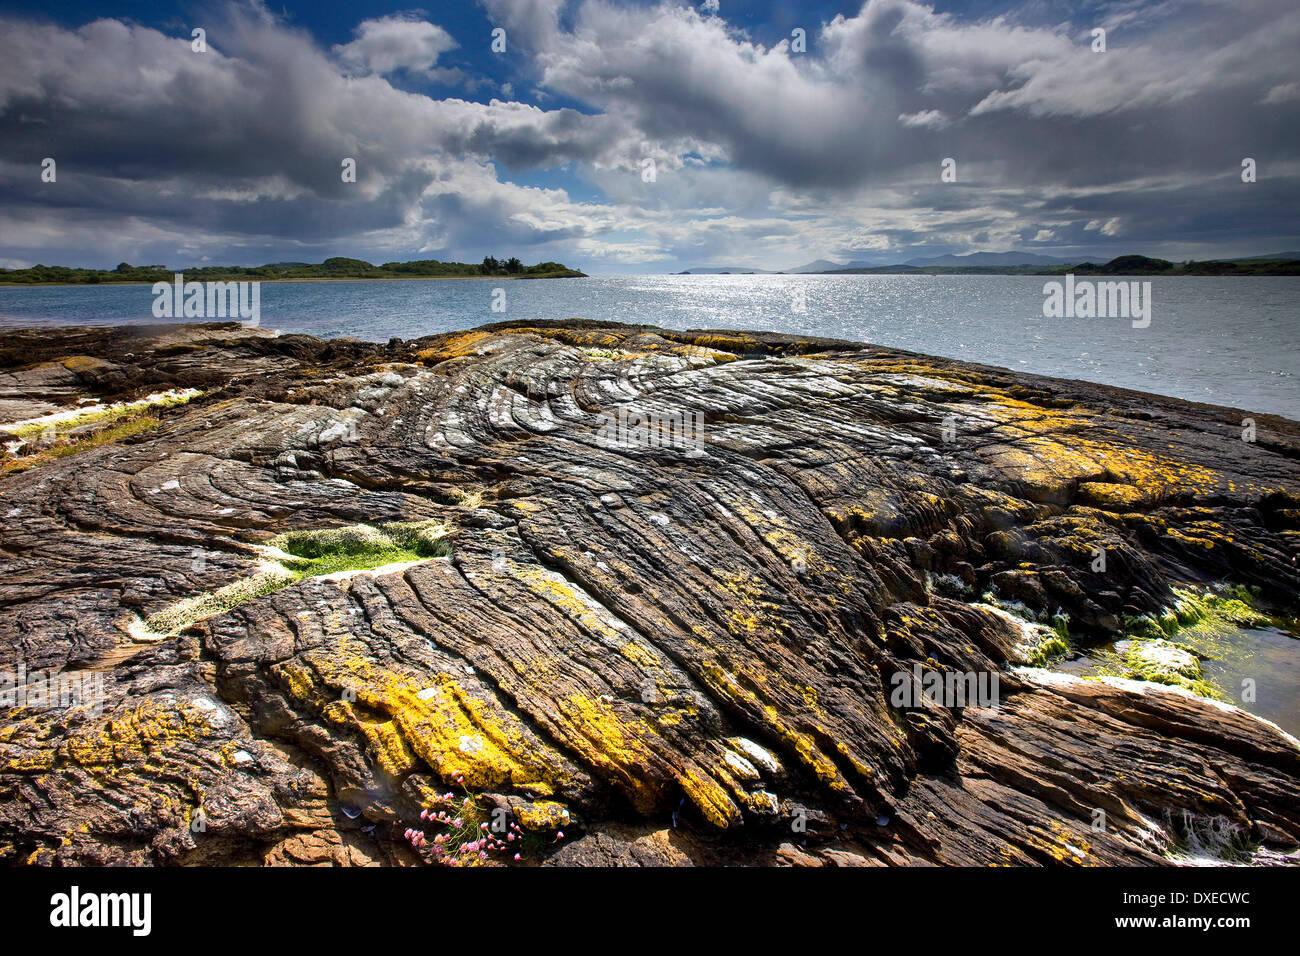 Geology: Folded Phyllites on the southern tip of Isle of Eriska - Stock Image